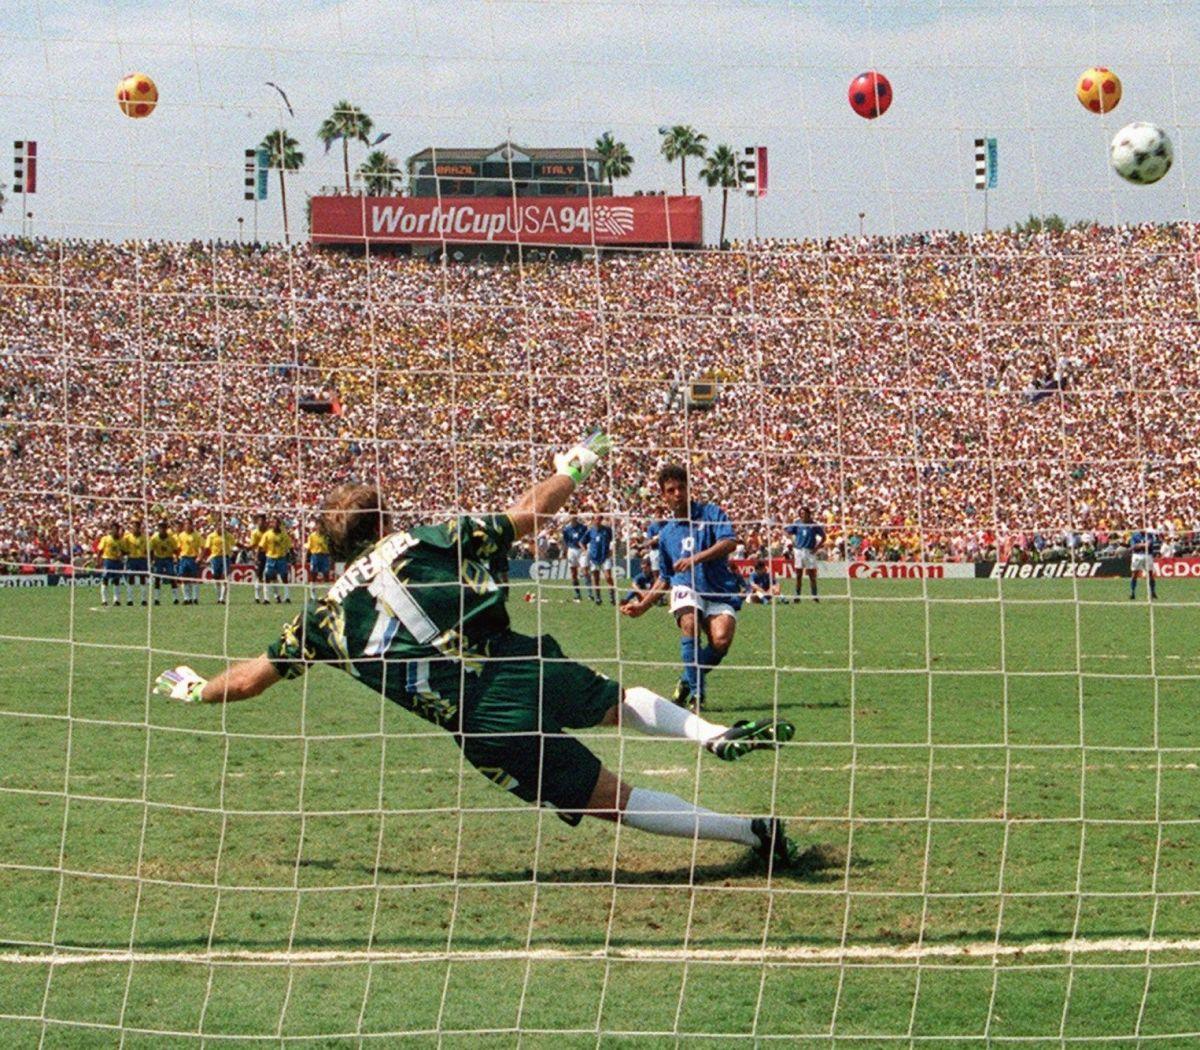 soccer-world-cup-1994-bra-ita-5b0d5a96f7b09d2609000003.jpg